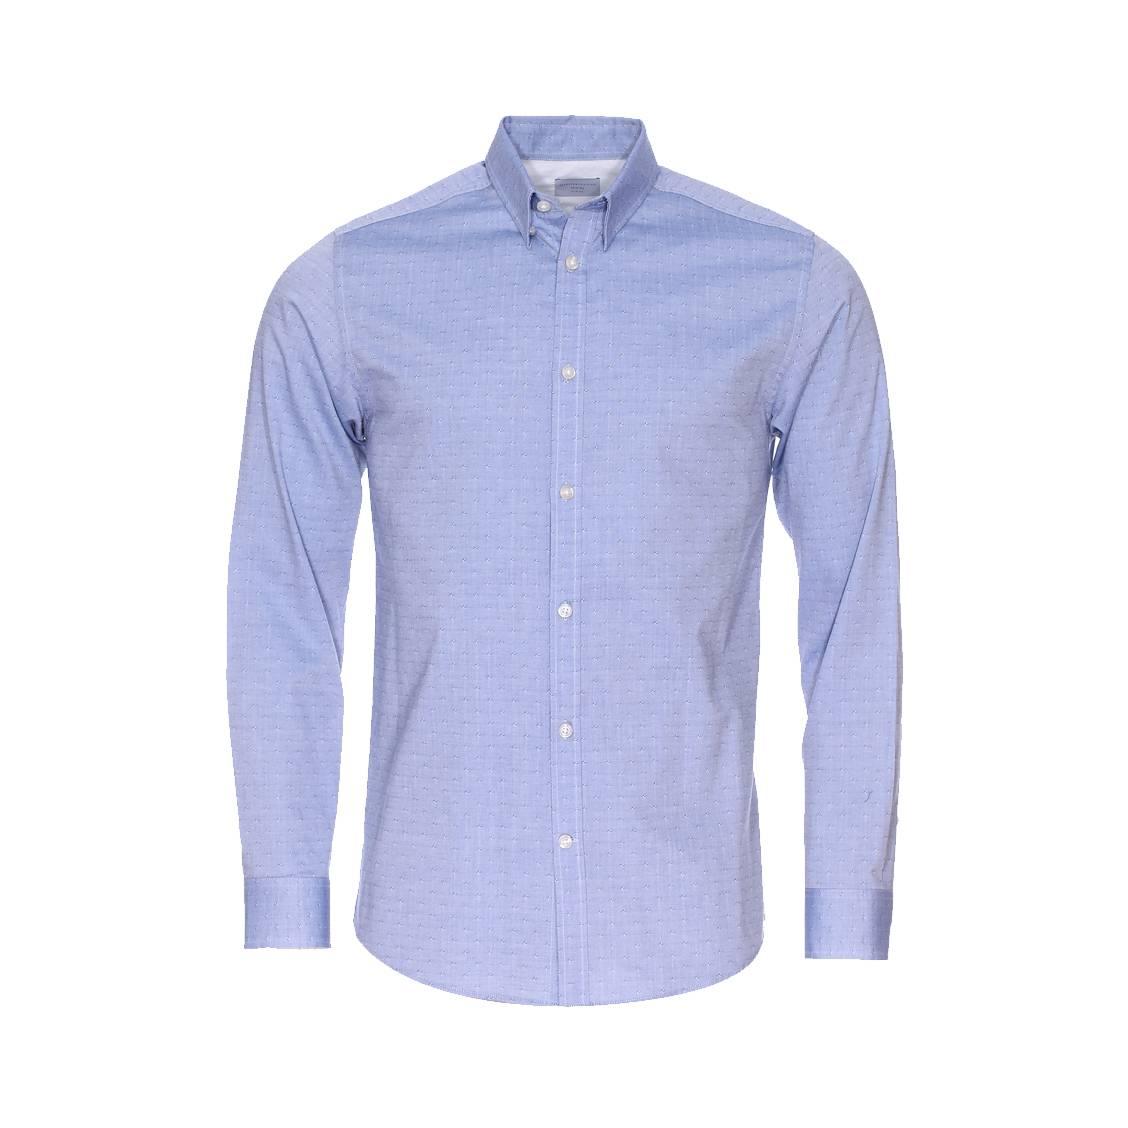 Chemise cintrée  fil à fil bleu à motifs losanges bleus et blancs